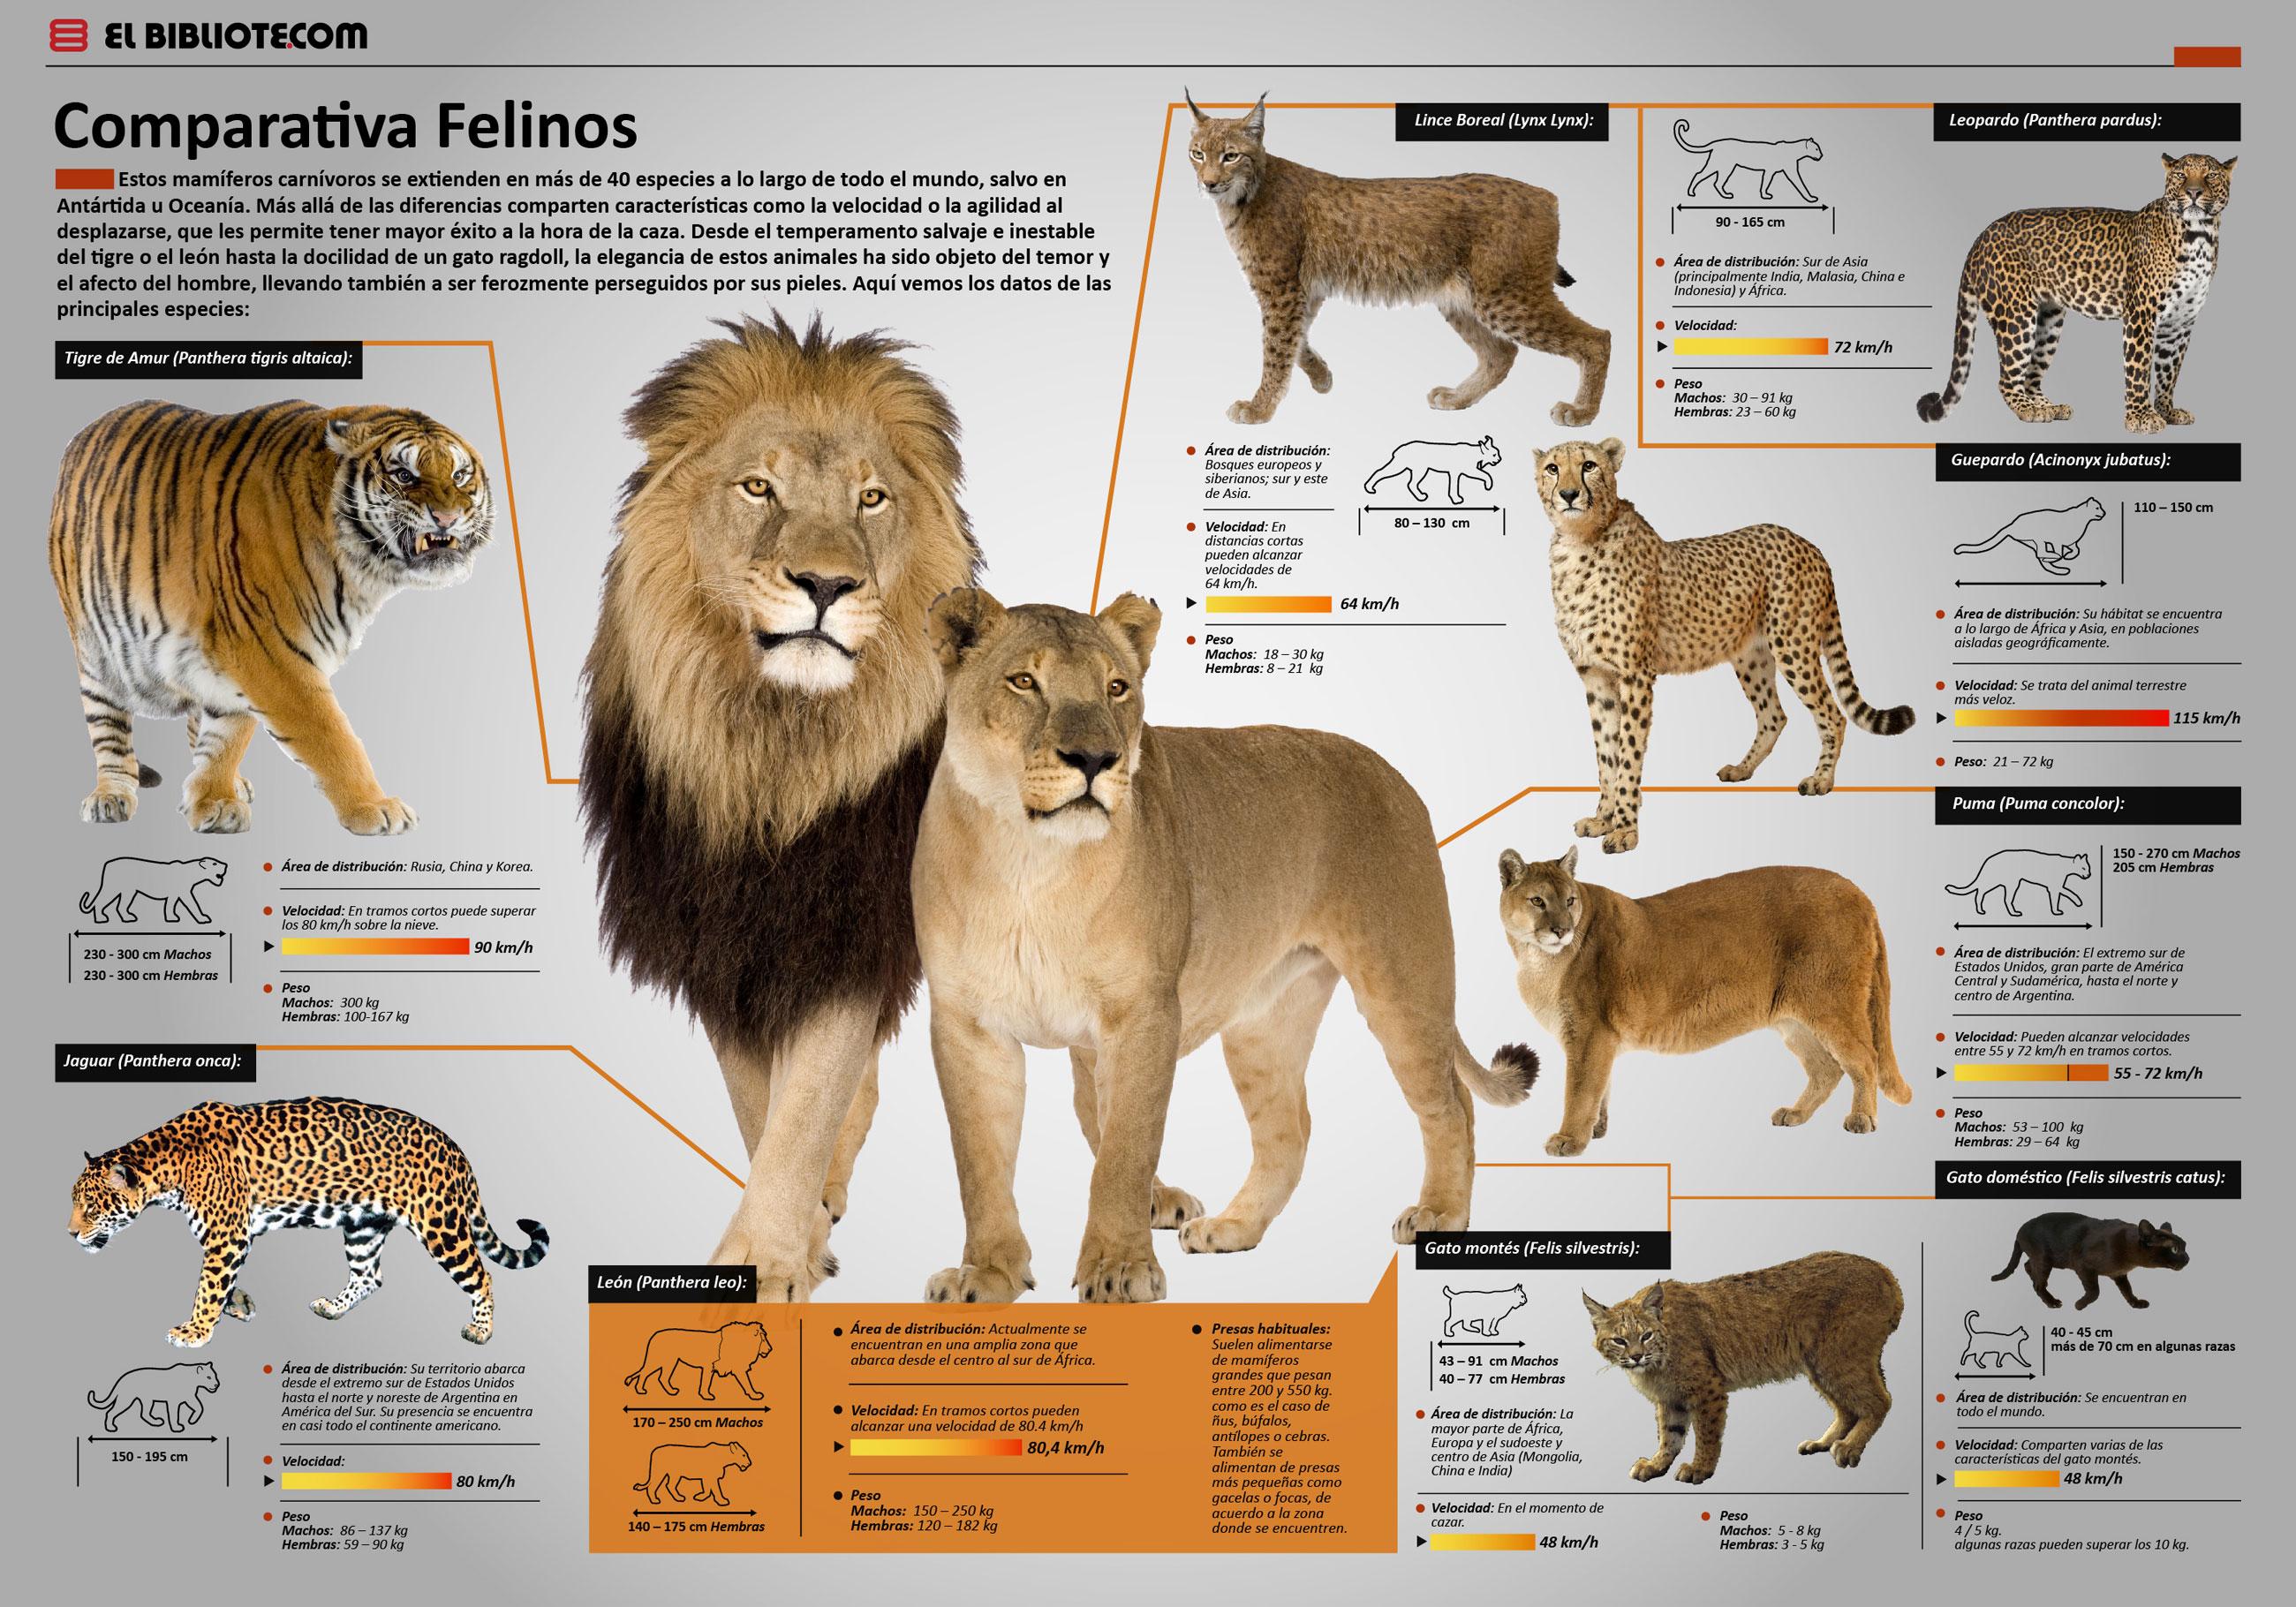 Comparativa de felinos